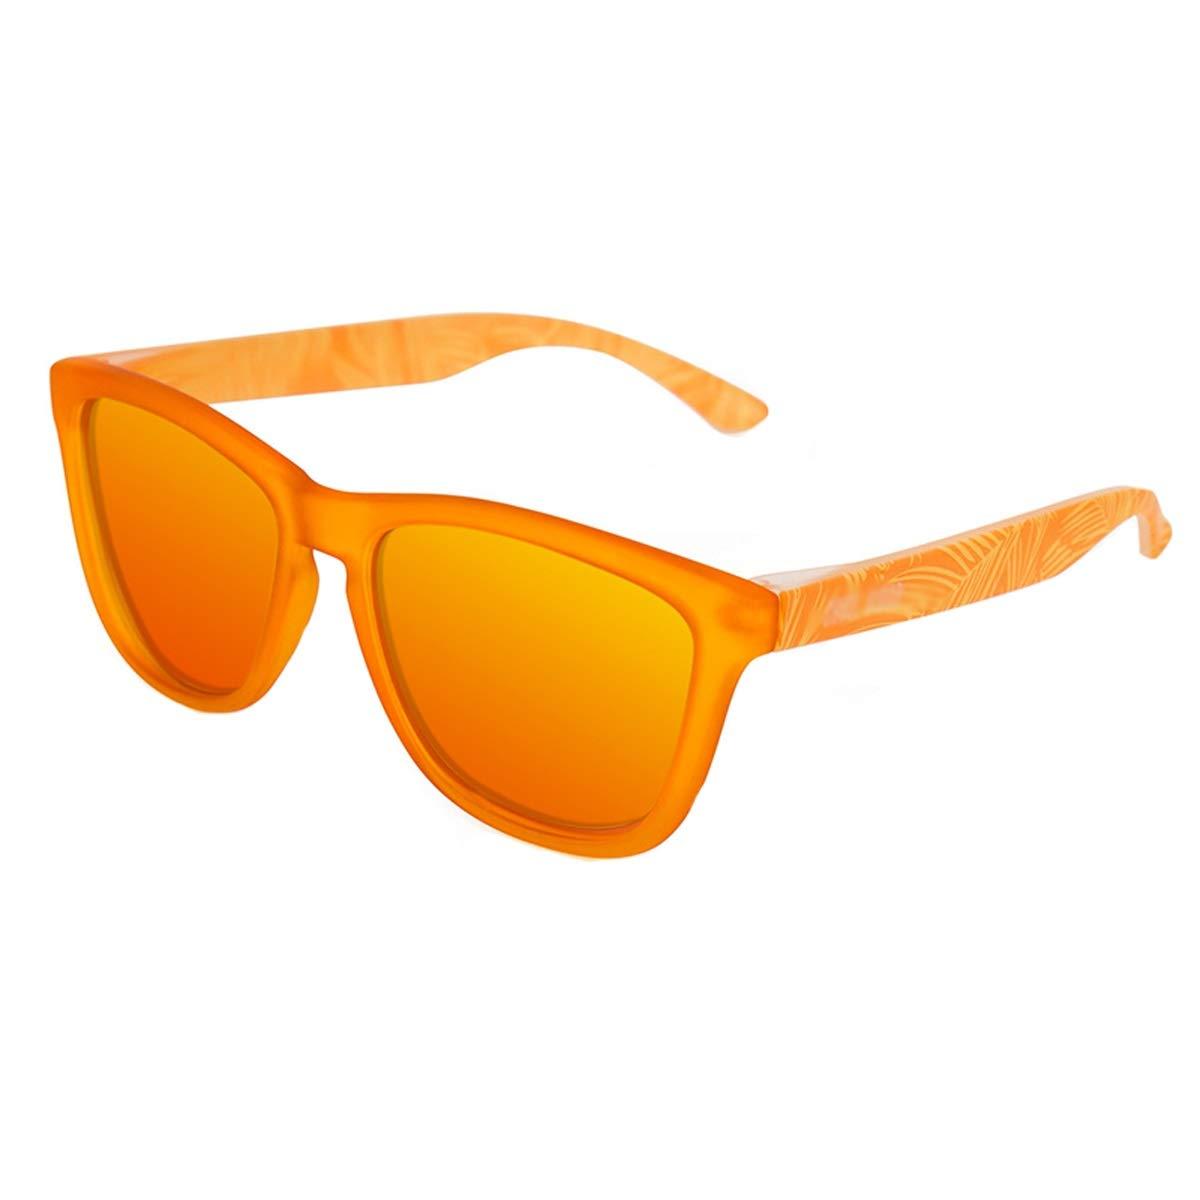 男性と女性のためのサングラスファッション偏光サングラススポーツ用ランニング登山運転マルチカラーオプション (Color : A)  A B07SGXD2V8